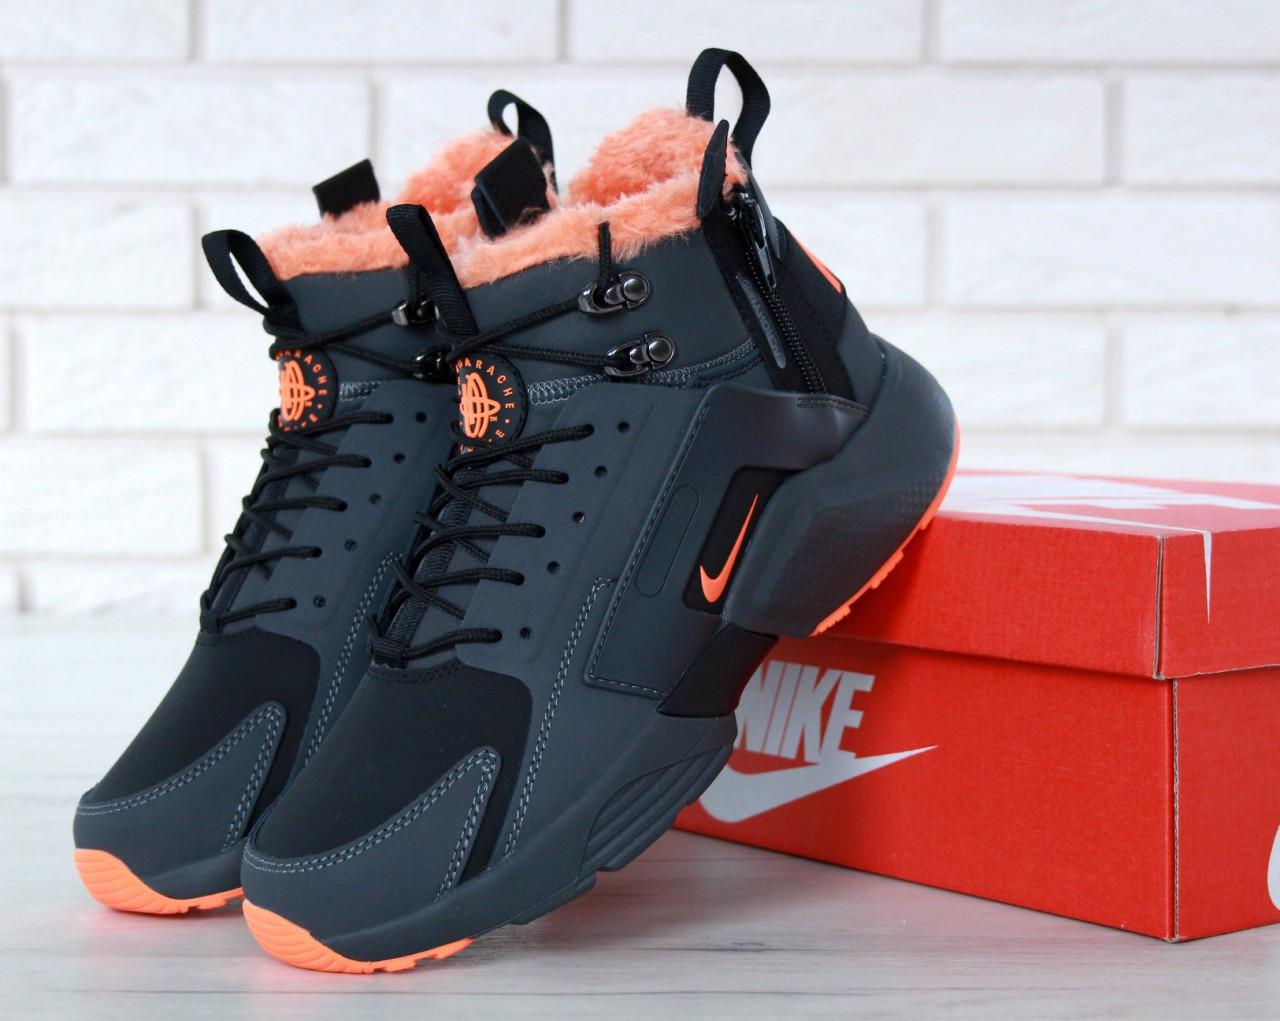 Чоловічі зимові кросівки Nike Air Huarache Winter з хутром (чорно-помаранчеві)